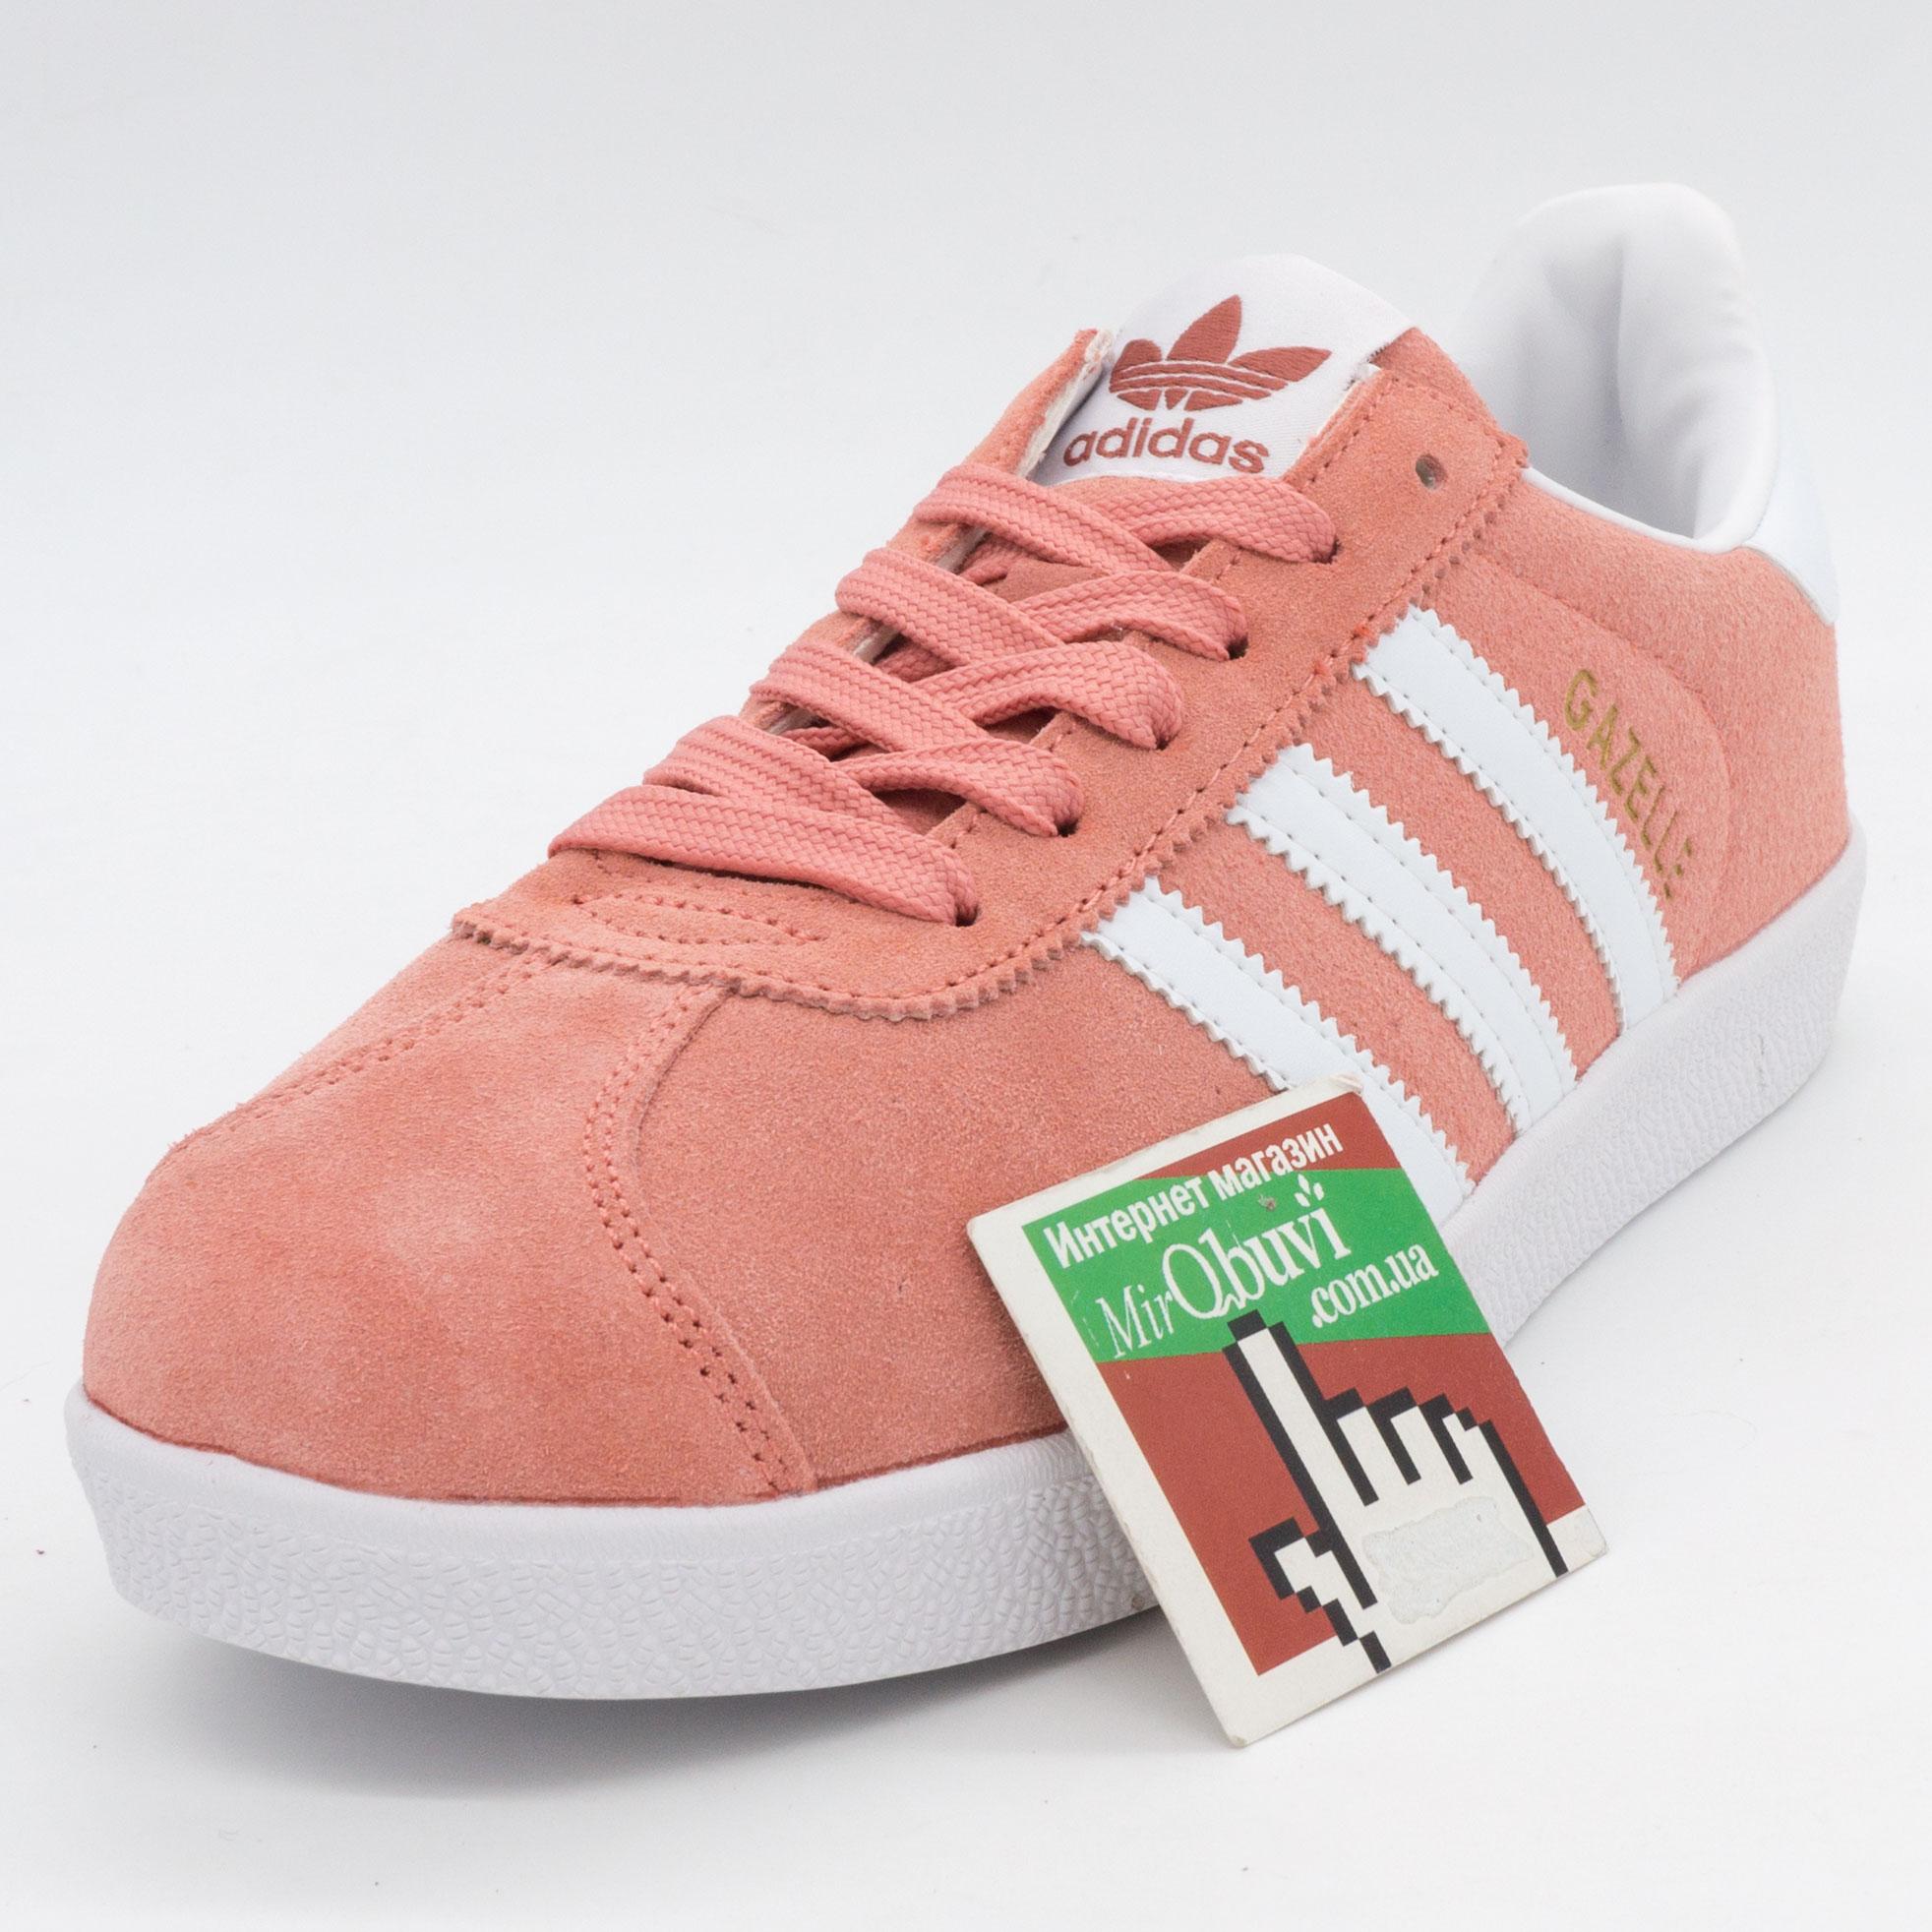 фото front Женские кроссовки Adidas Gazelle цвета персик, замша front